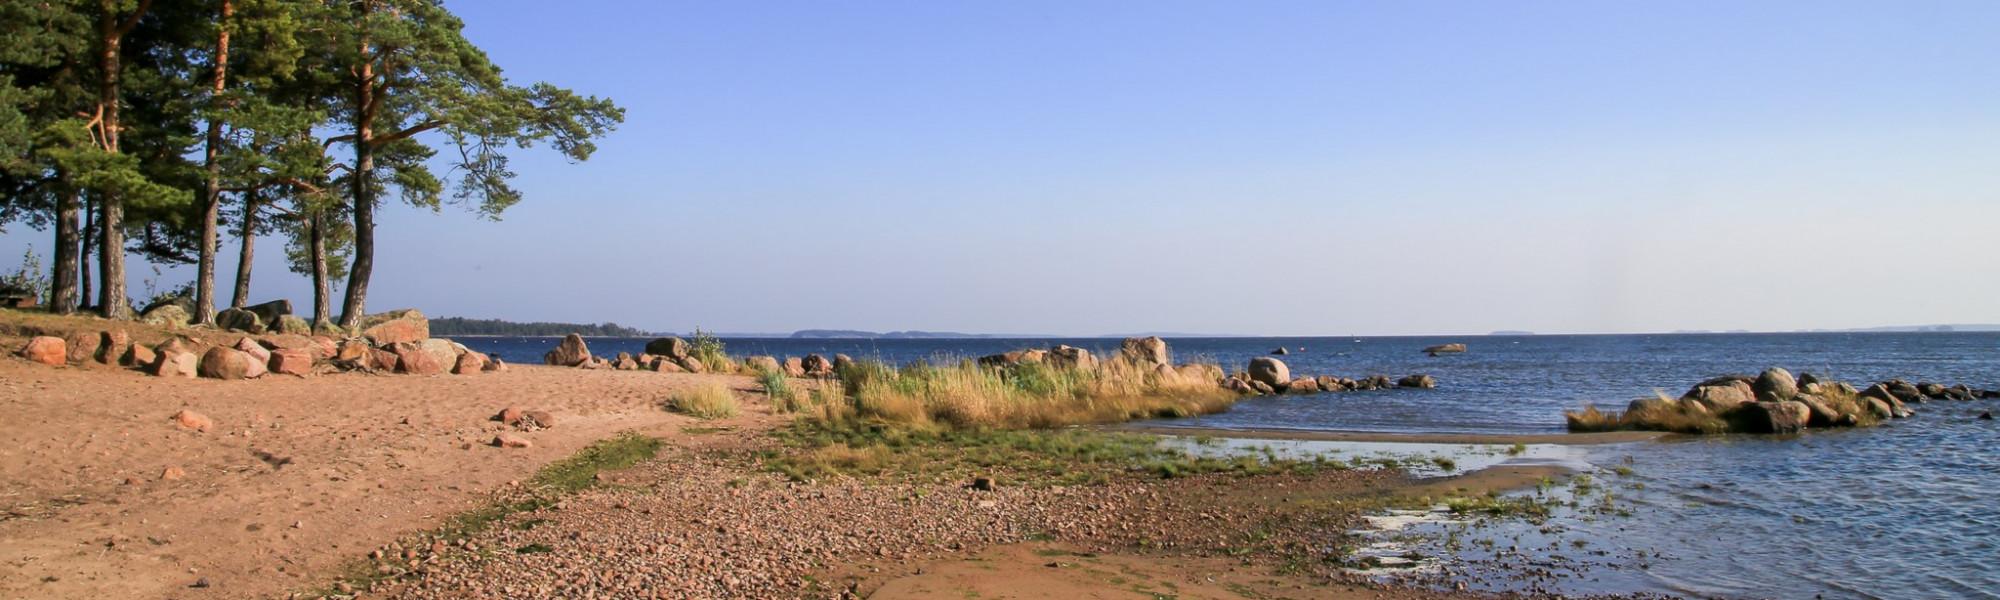 Äijänniemen uimaranta, jossa hiekkainen uimaranta